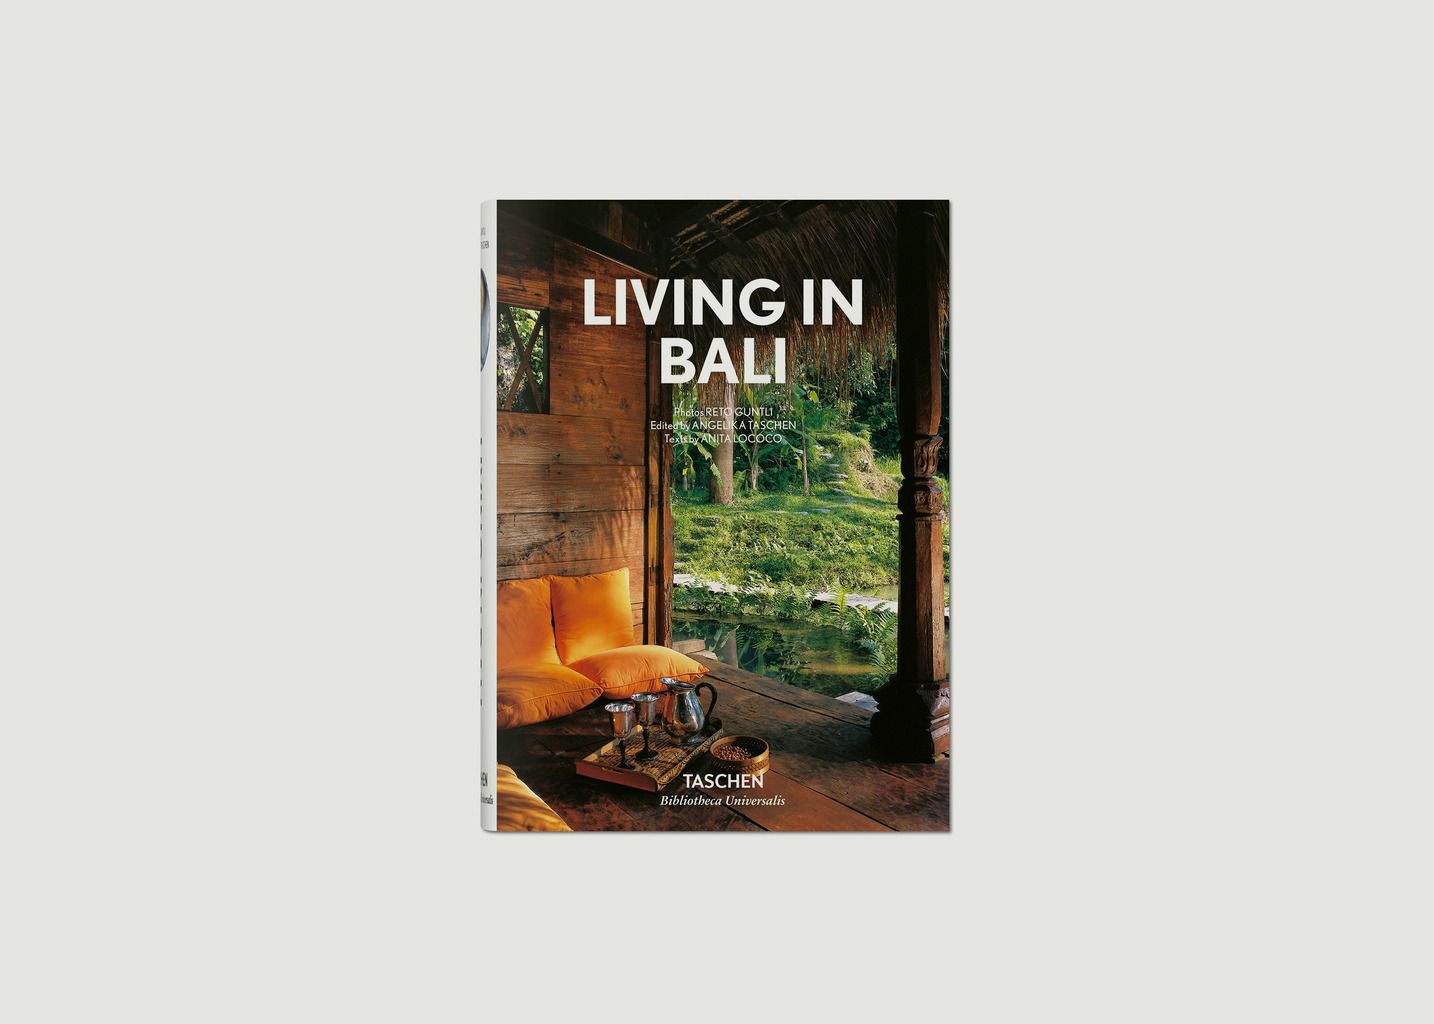 Livre Living in Bali - Taschen